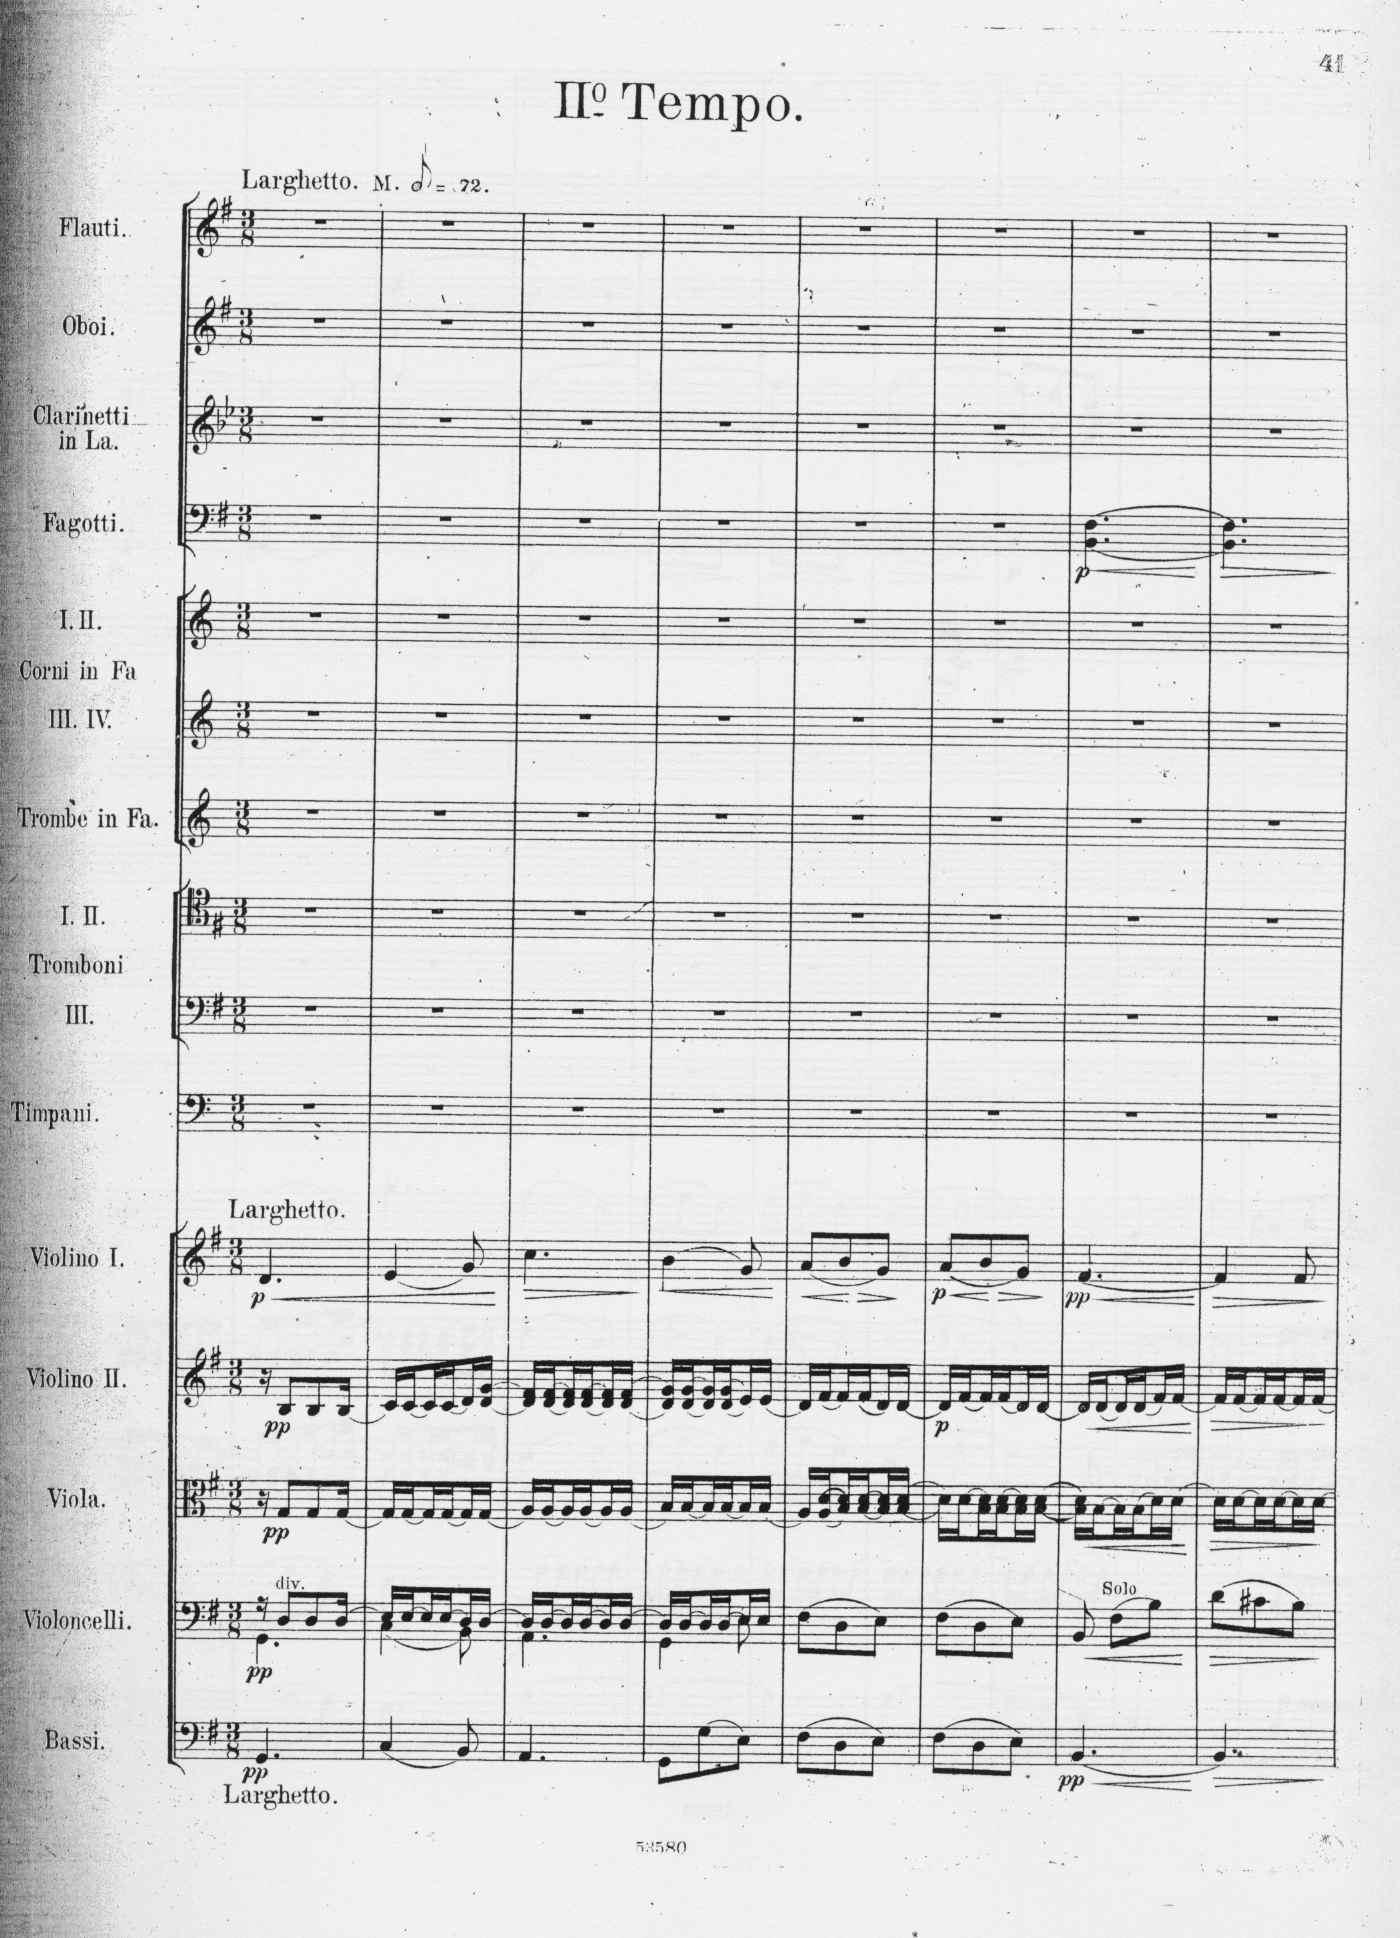 Alberto Franchetti, Sinfonia - II tempo